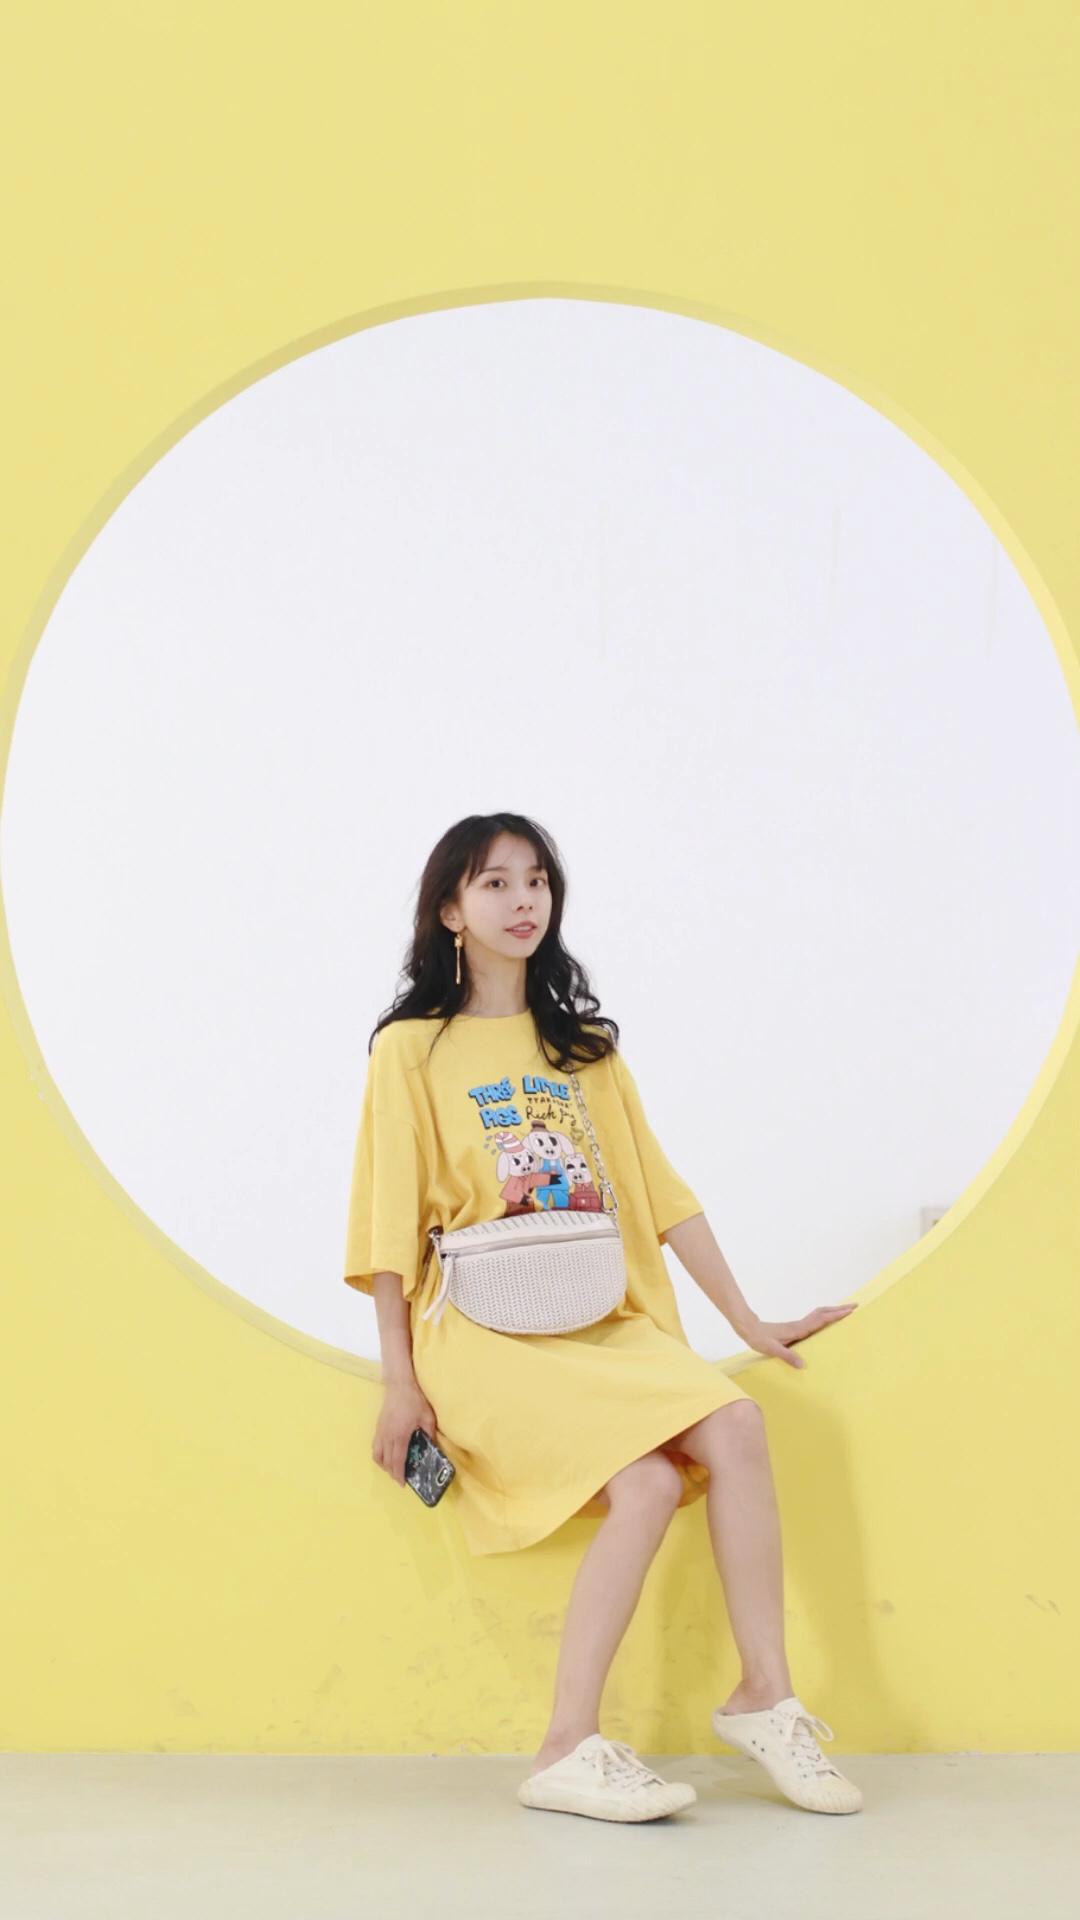 #蘑菇街新品测评# 可爱黄色T恤裙, 游玩少女必备单品, 清凉又舒适,可爱又俏皮